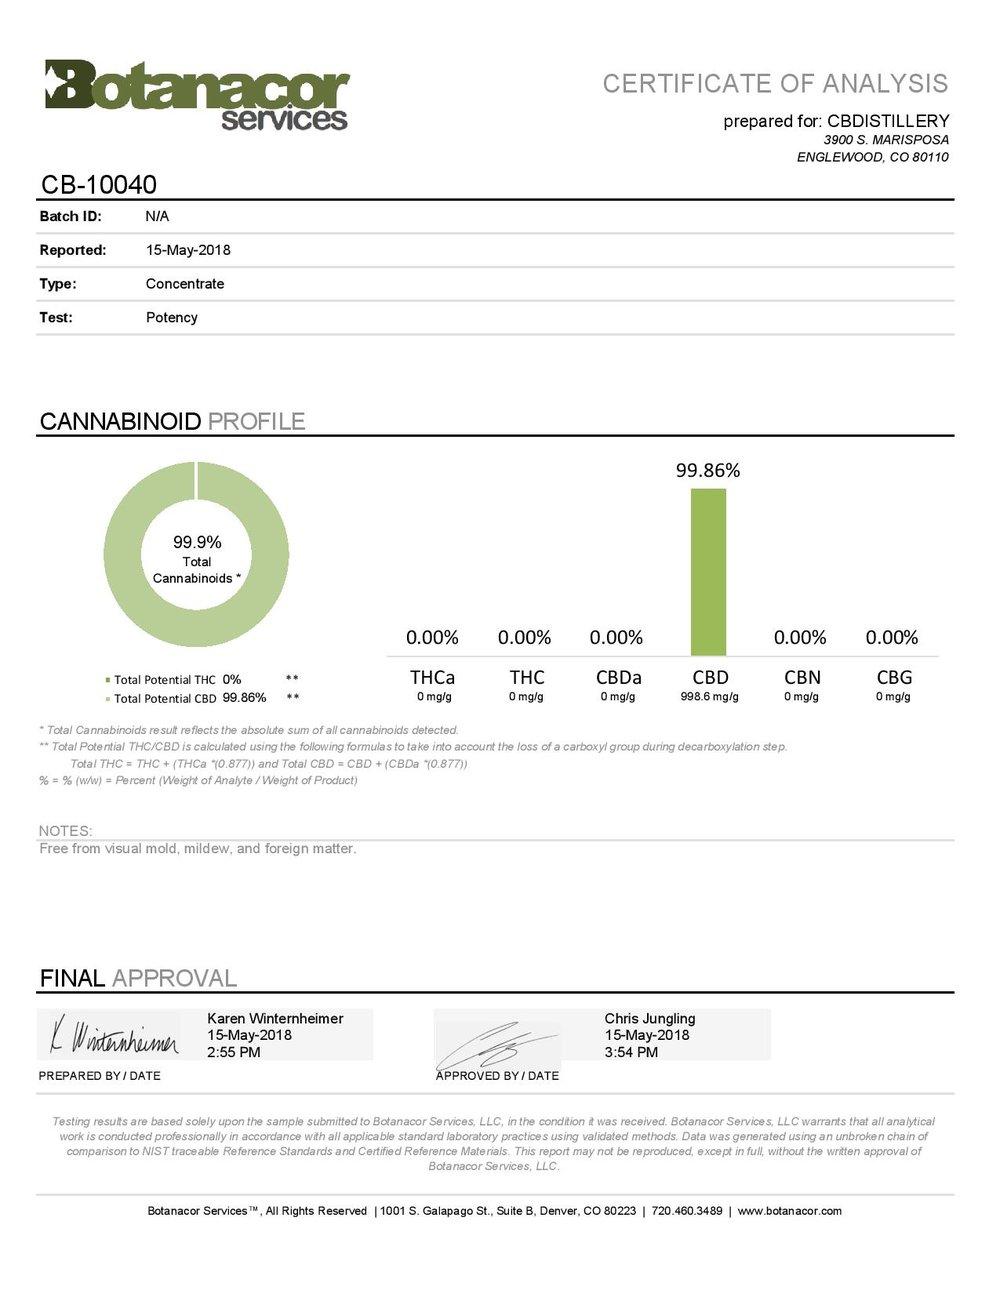 CBDISTILLERY CB-10040 - Potency jpg.jpg